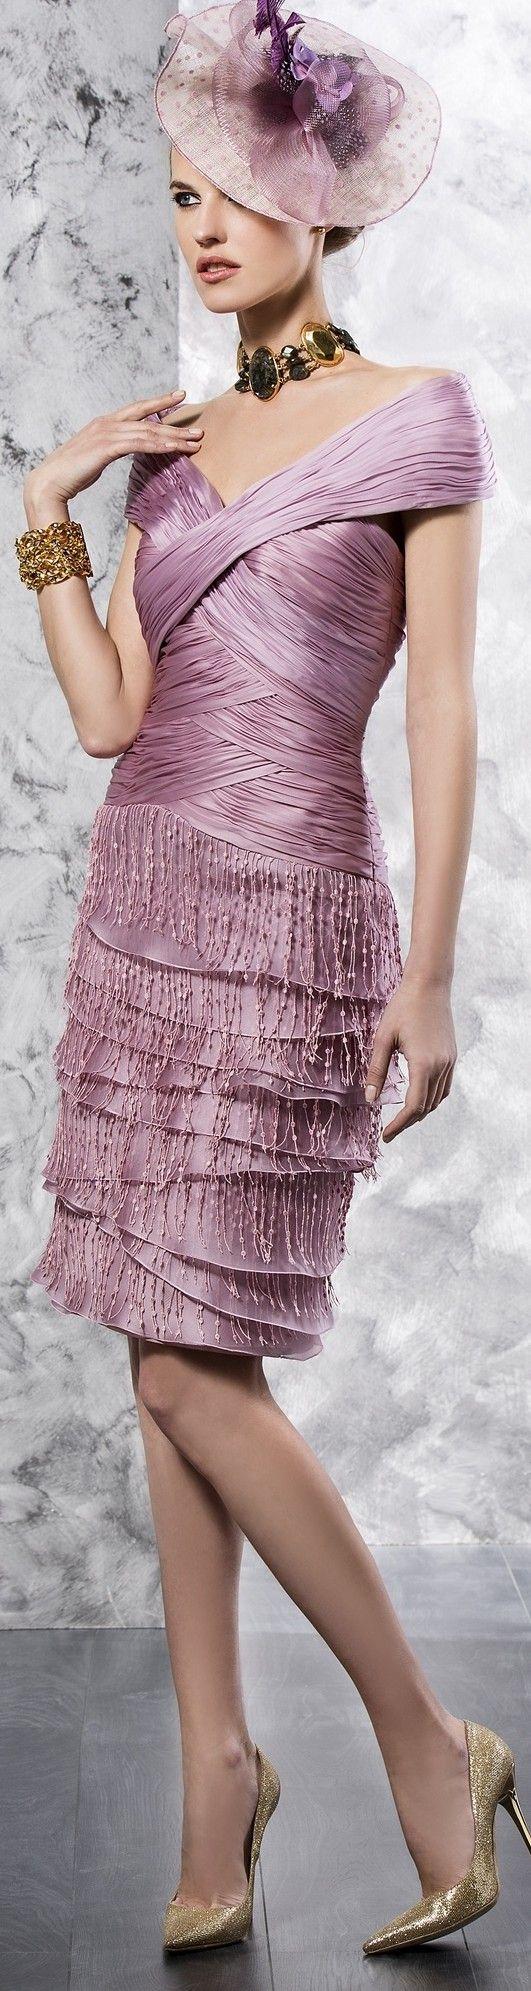 4266 besten Schöne Kleider Bilder auf Pinterest | Schöne kleider ...